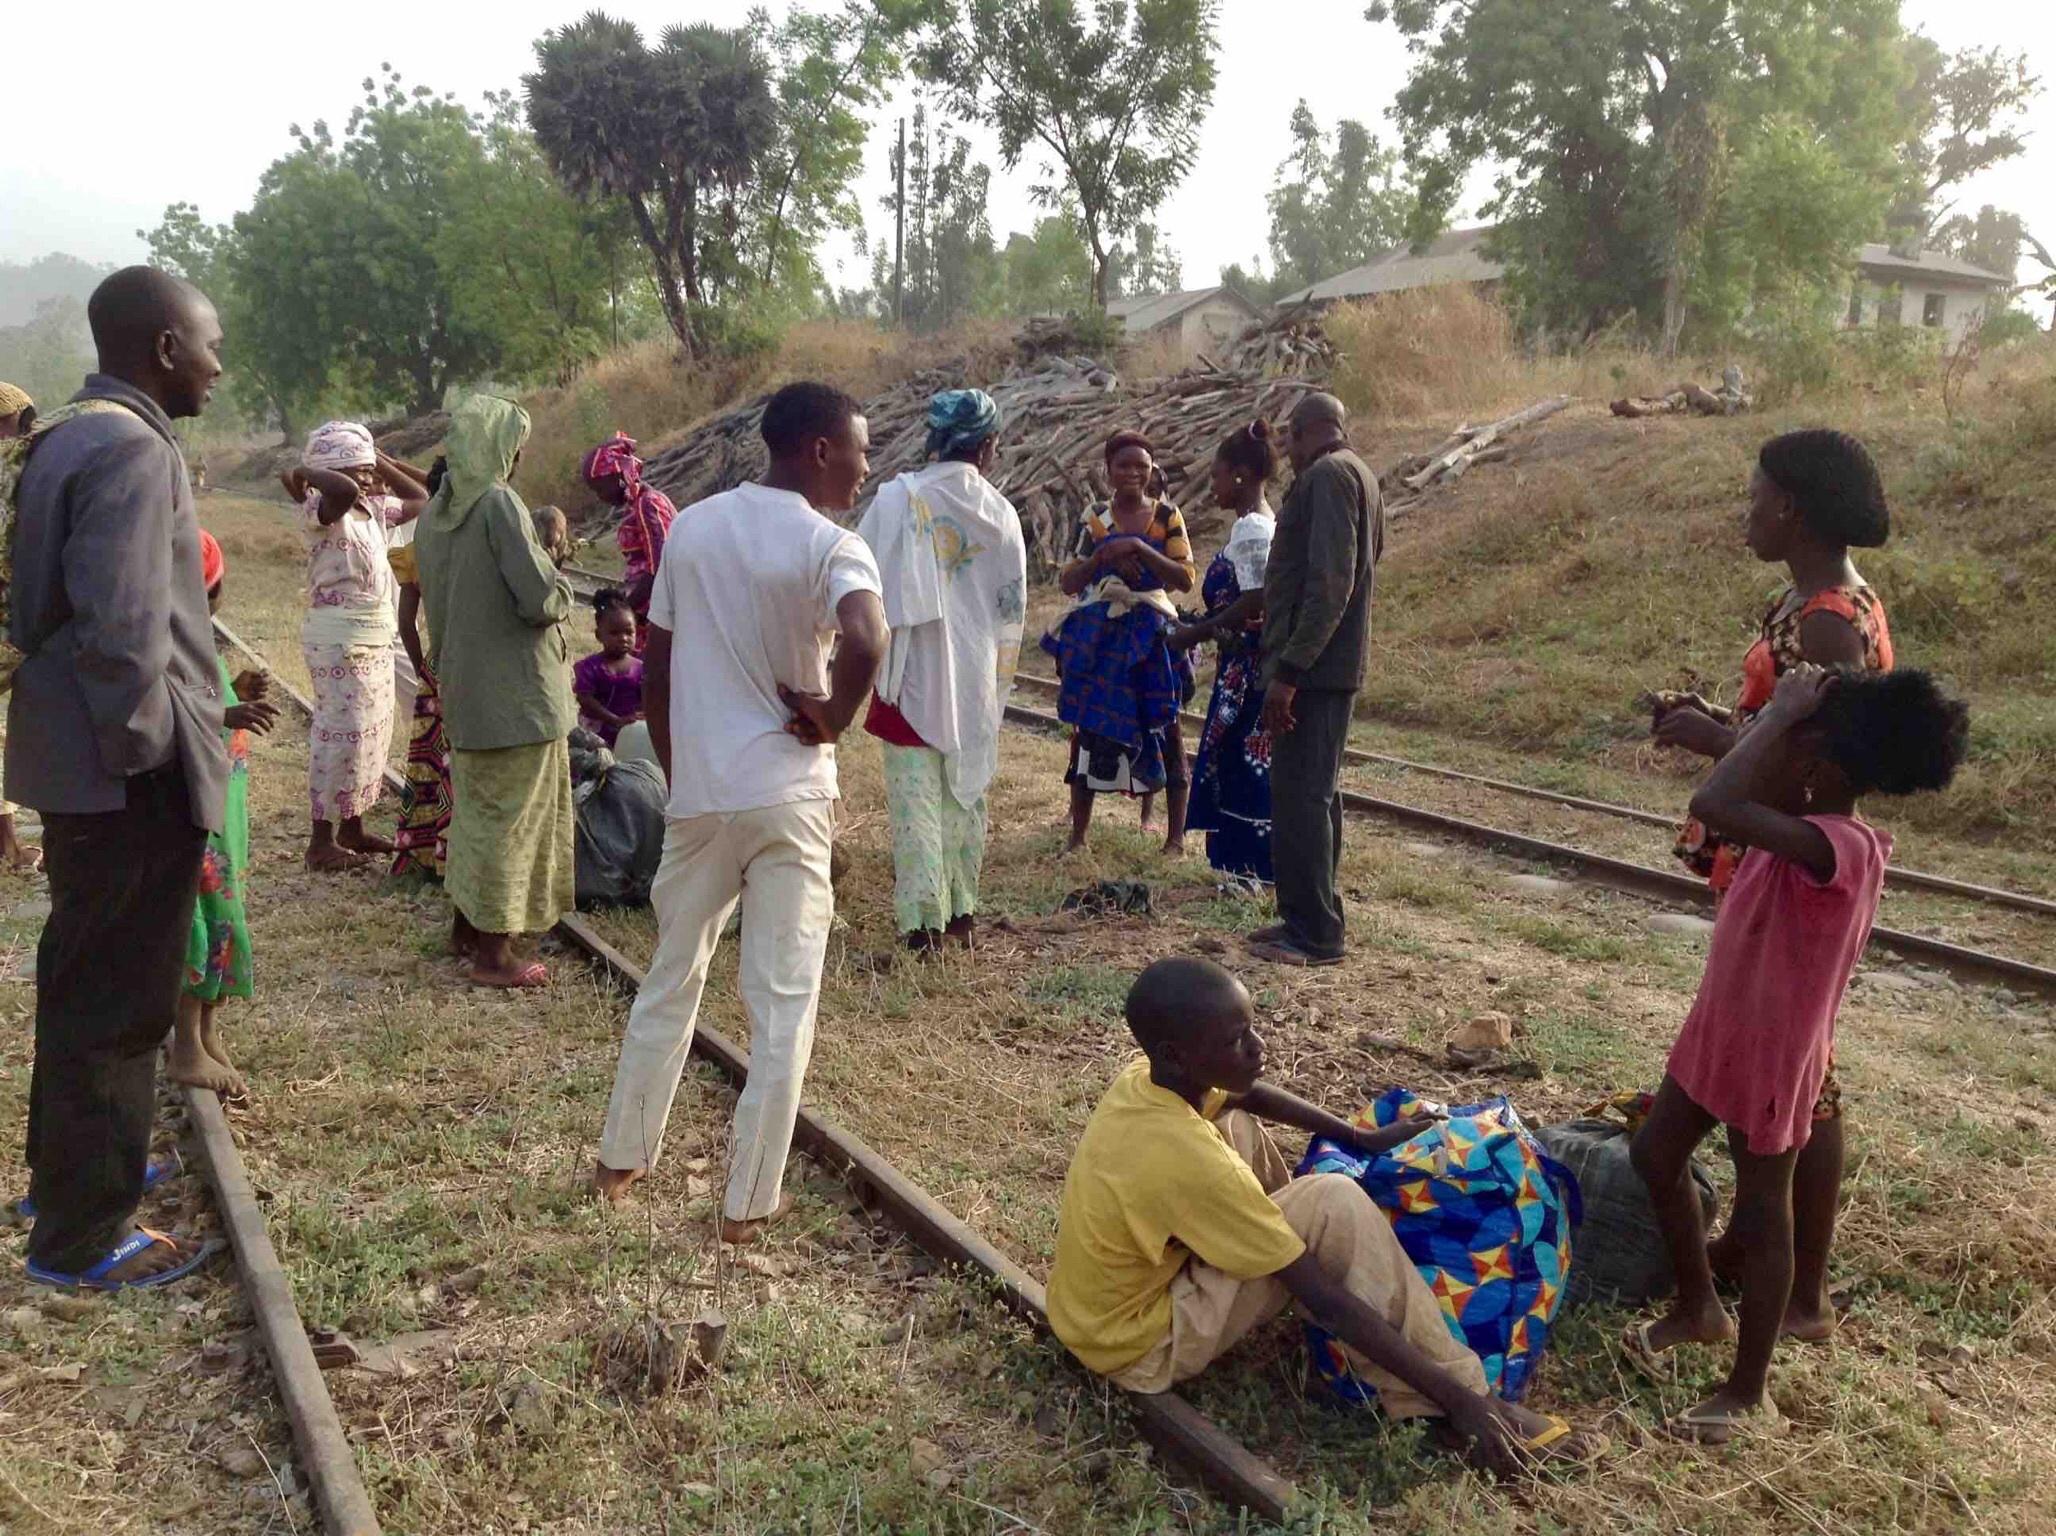 Waiting to catch a moving train, Langa Langa Station, Nasarawa State, Nigeria. #JujuFilms